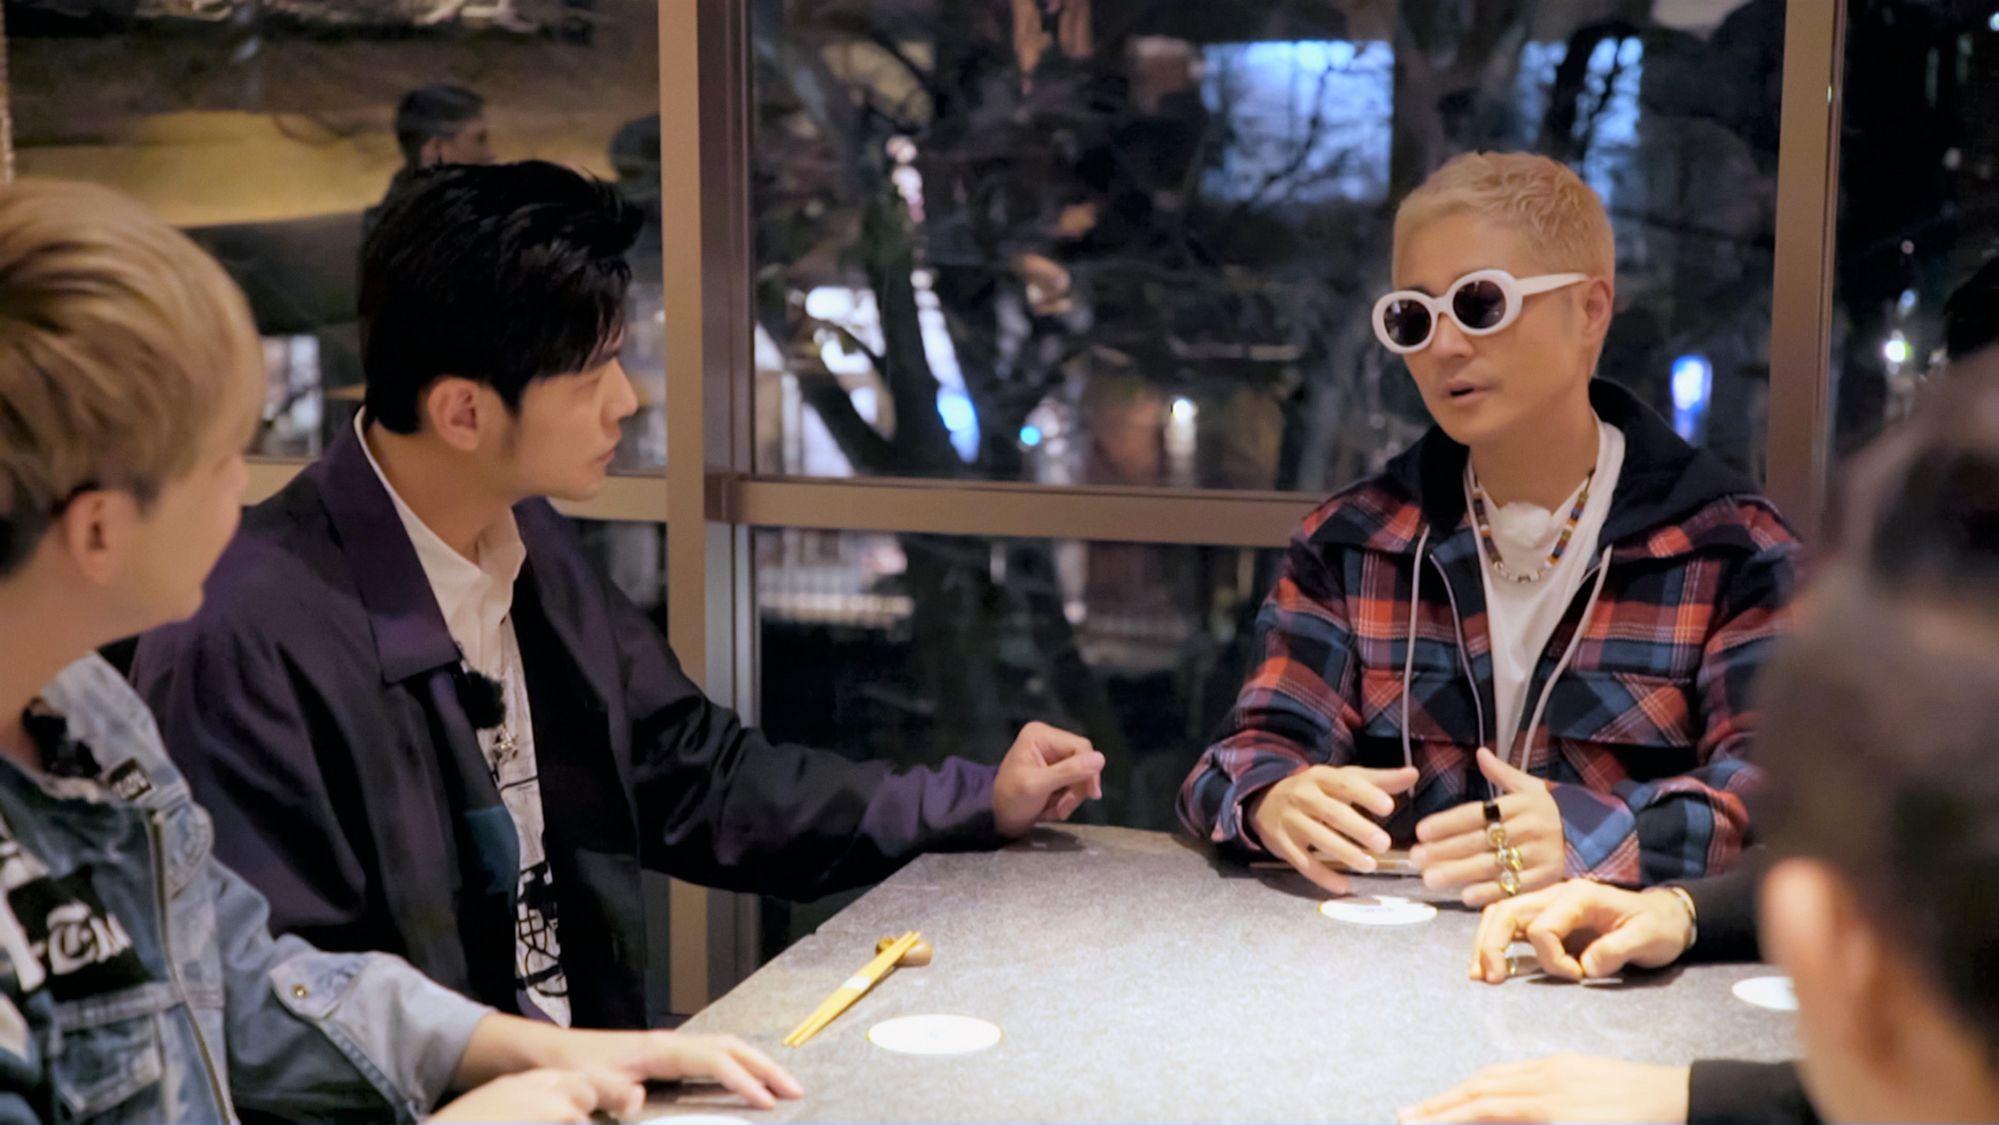 Tatler Sight:最受矚目的Netflix影集《周遊記》!周杰倫聯手地表最強魔術師Cyril東京大秀驚天幻術